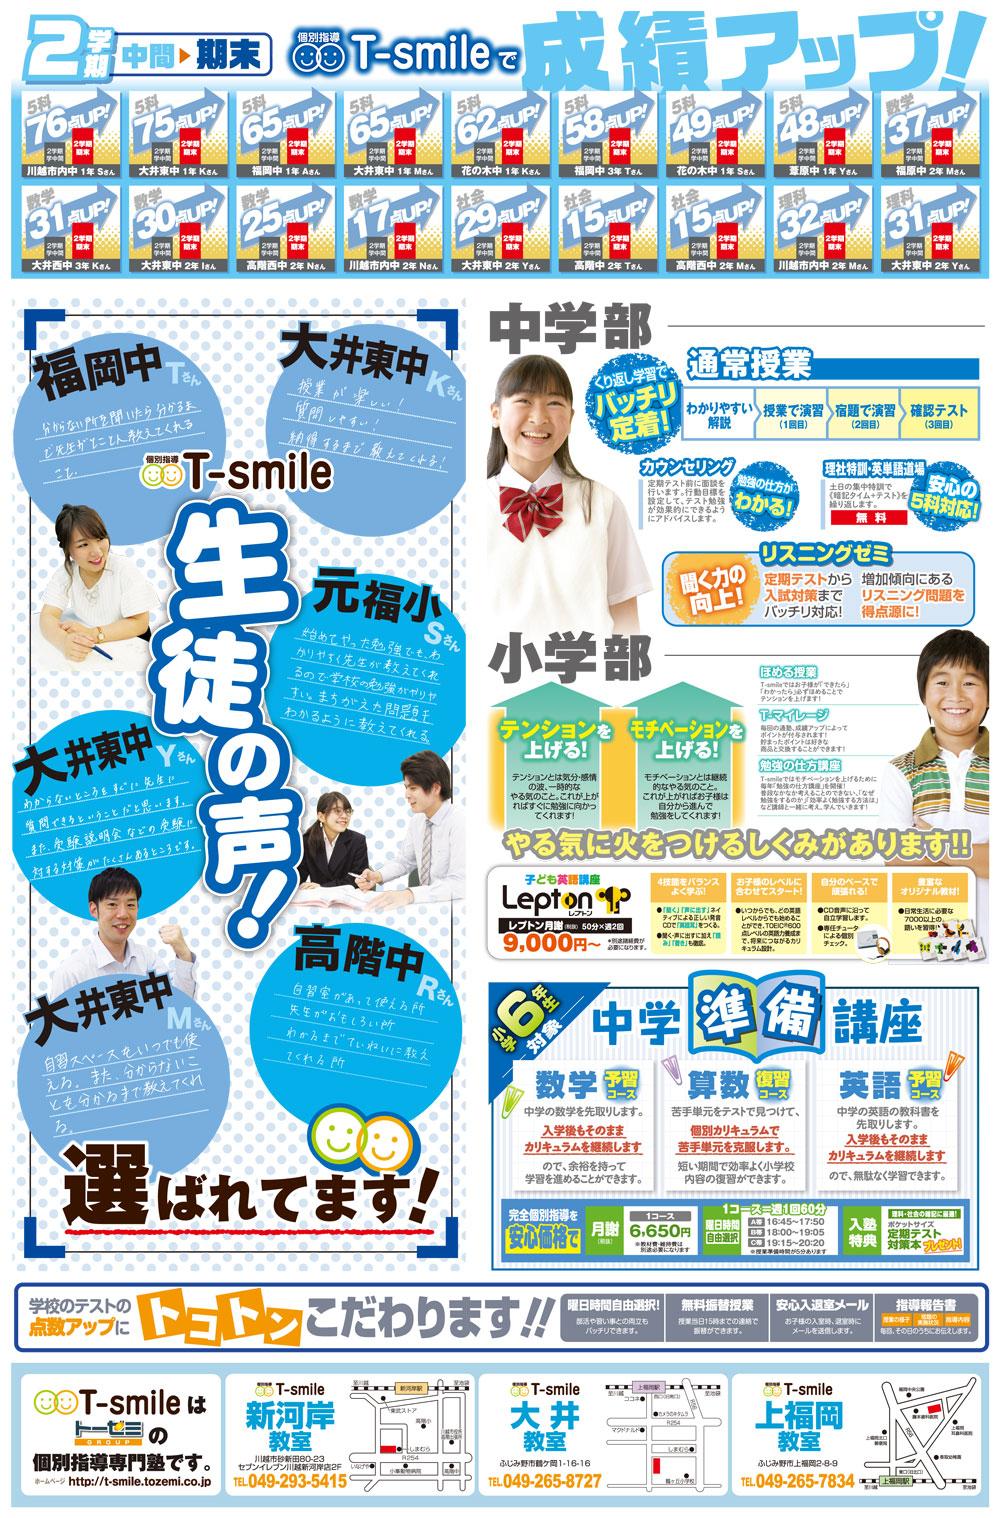 新聞折込チラシ(個別指導塾T-smile 新年度スタート)